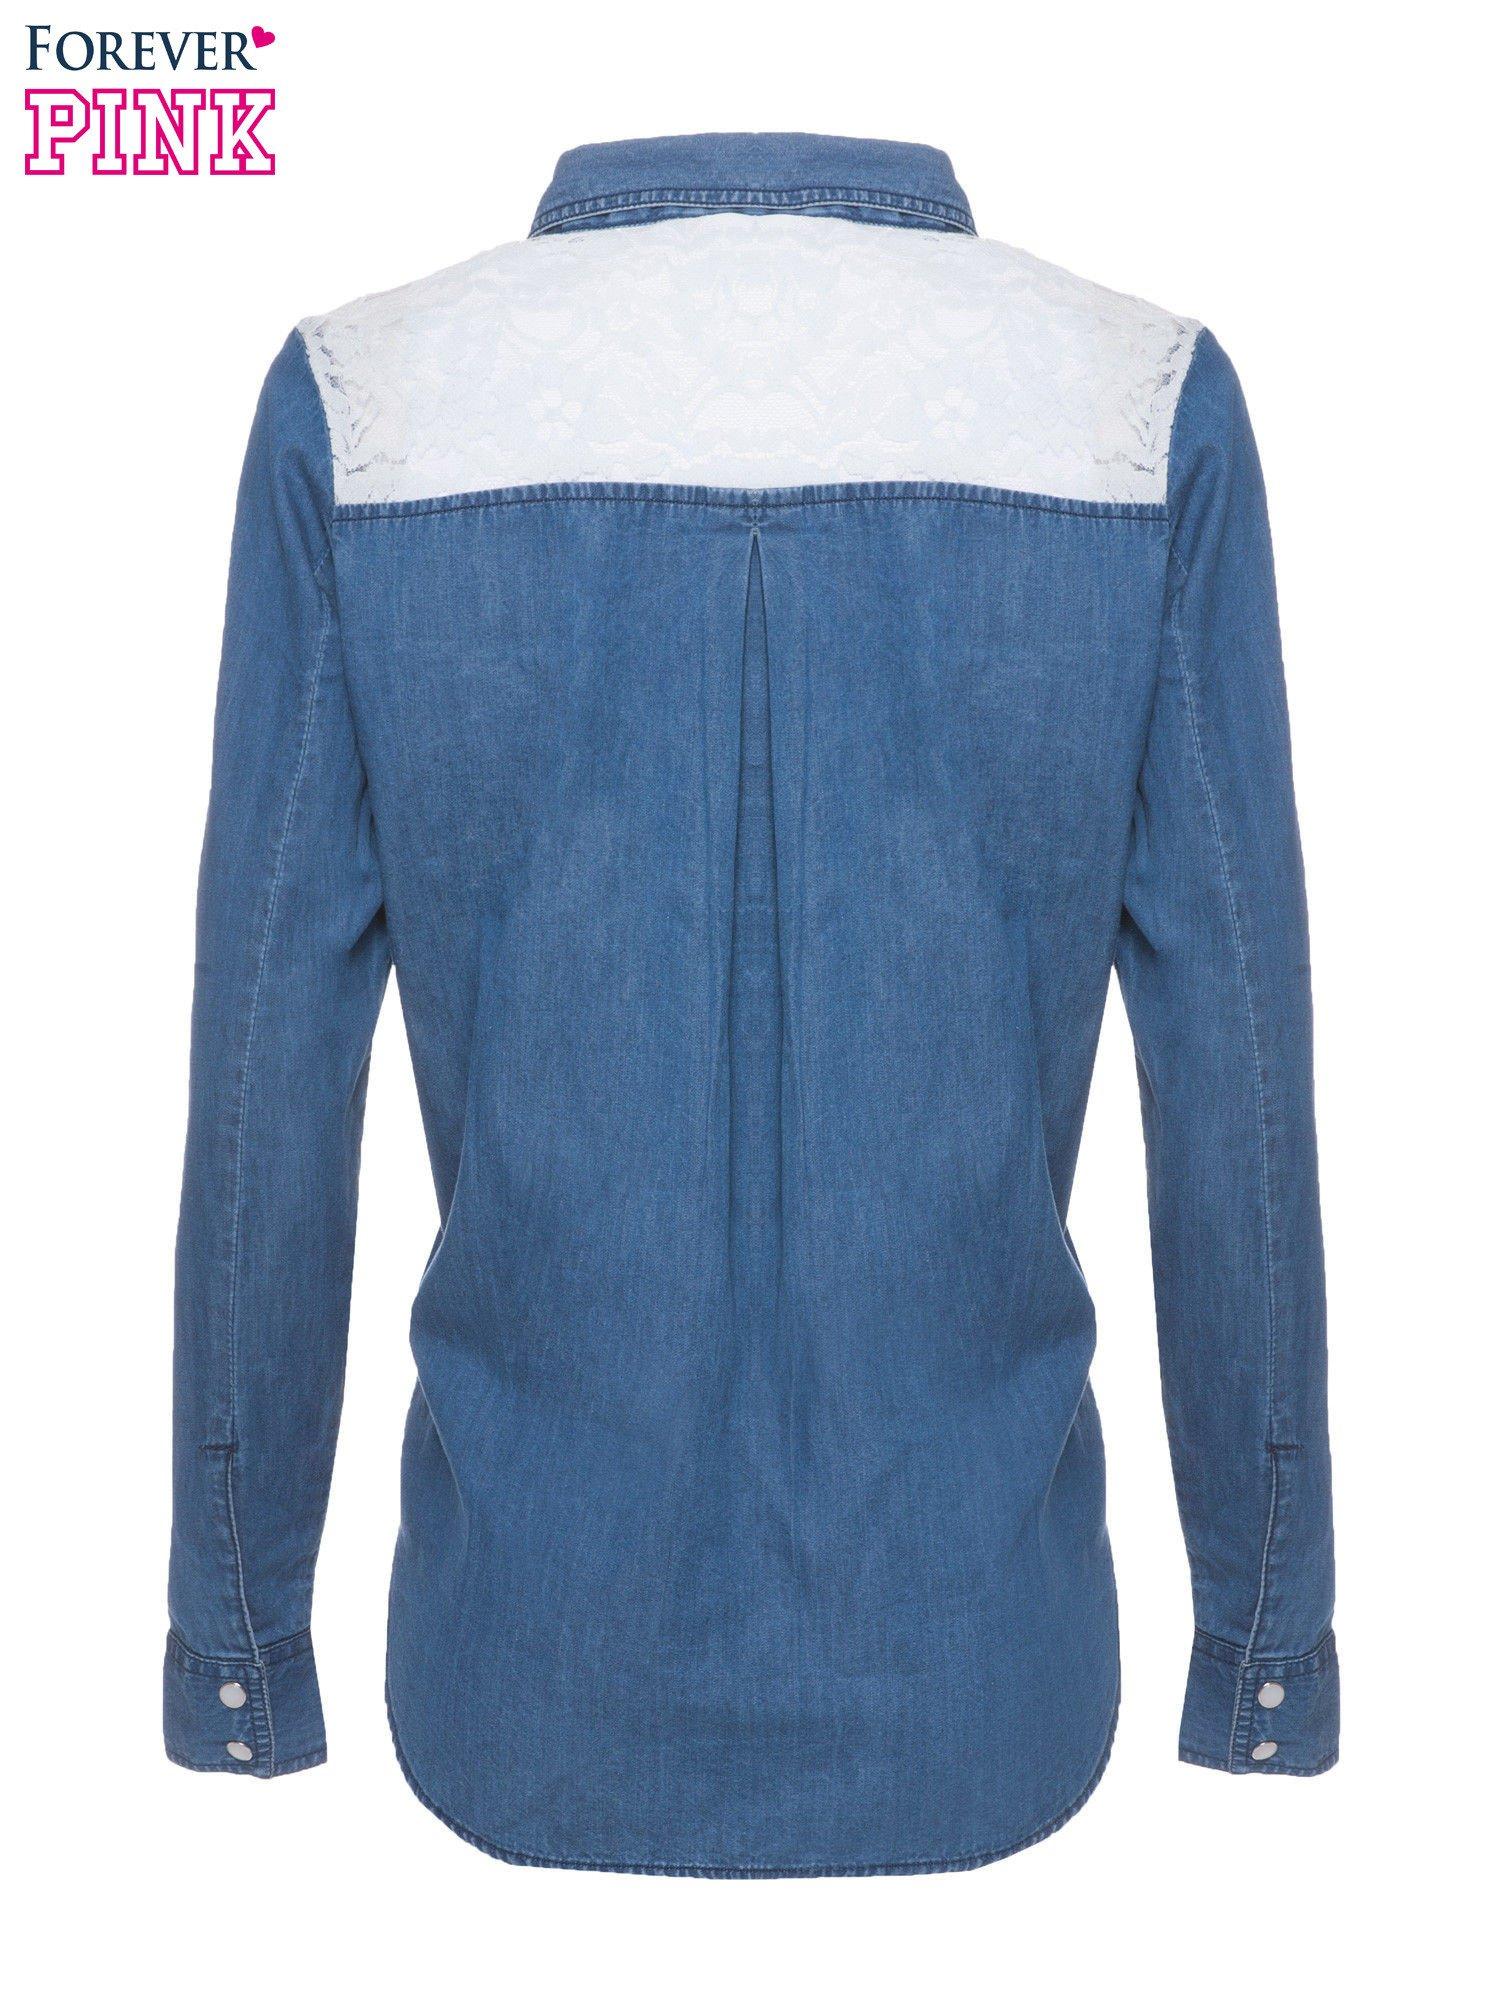 Niebieska koszula jeansowa z koronkową wstawką                                  zdj.                                  5